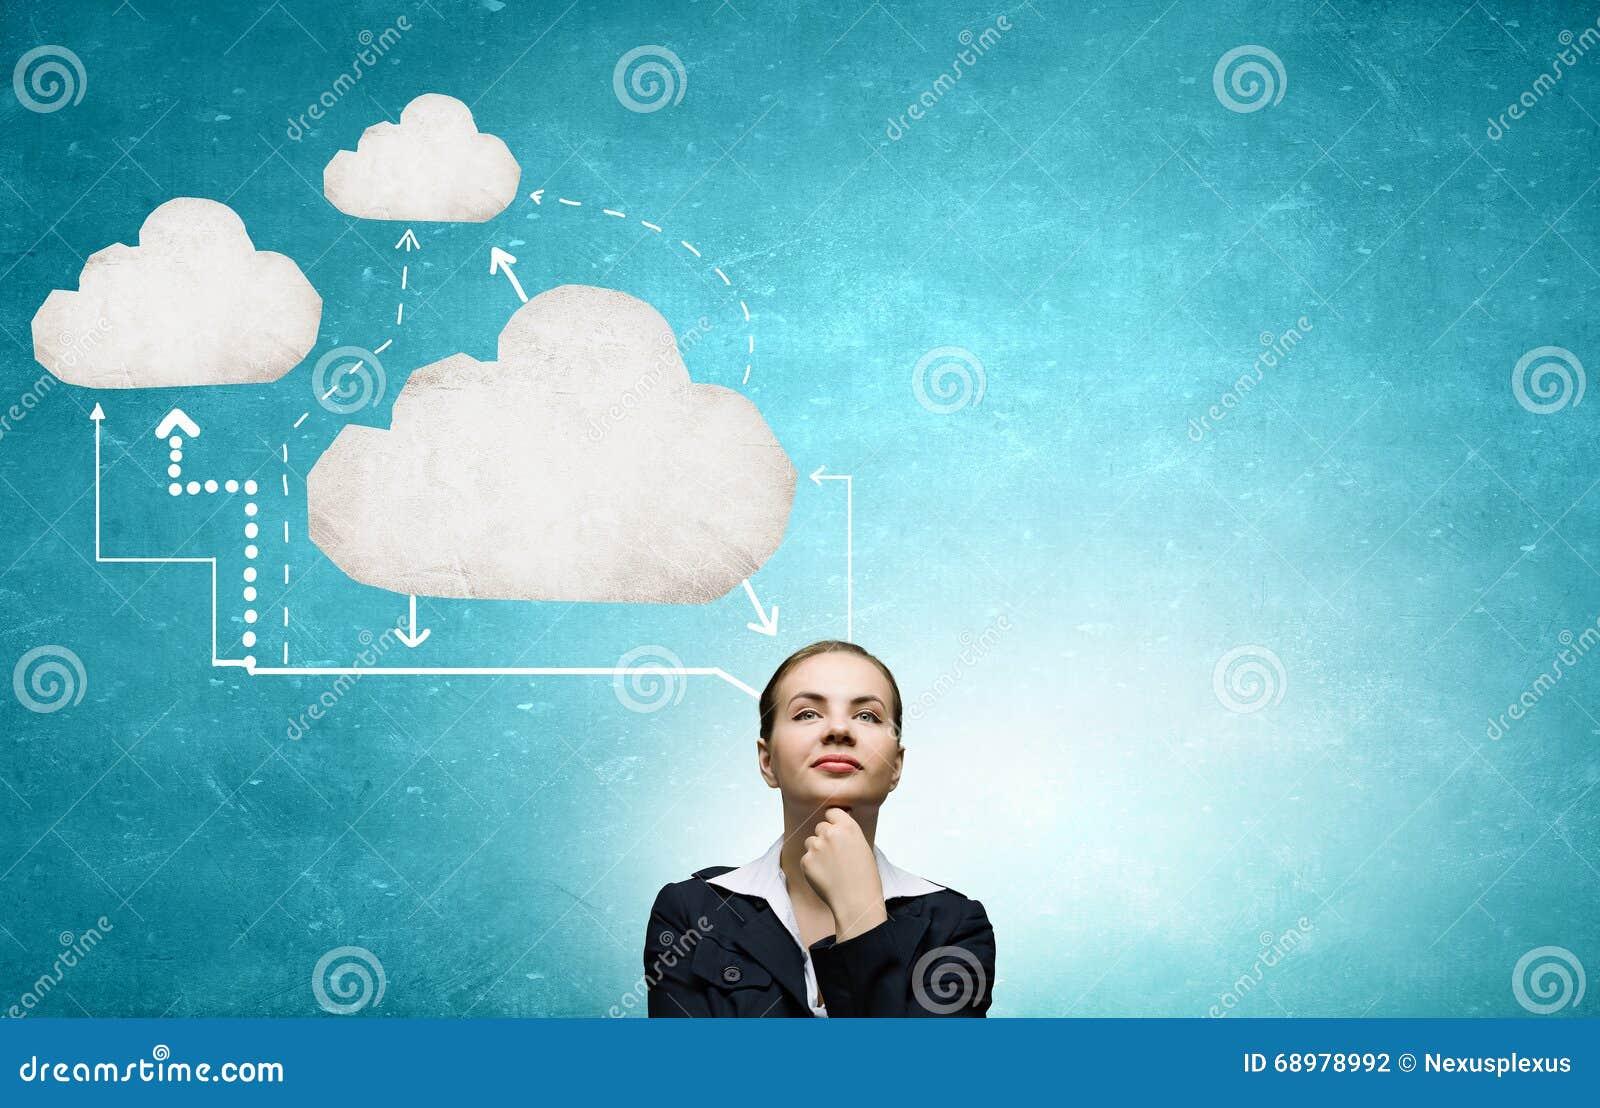 Mujer pensativa y sus pensamientos